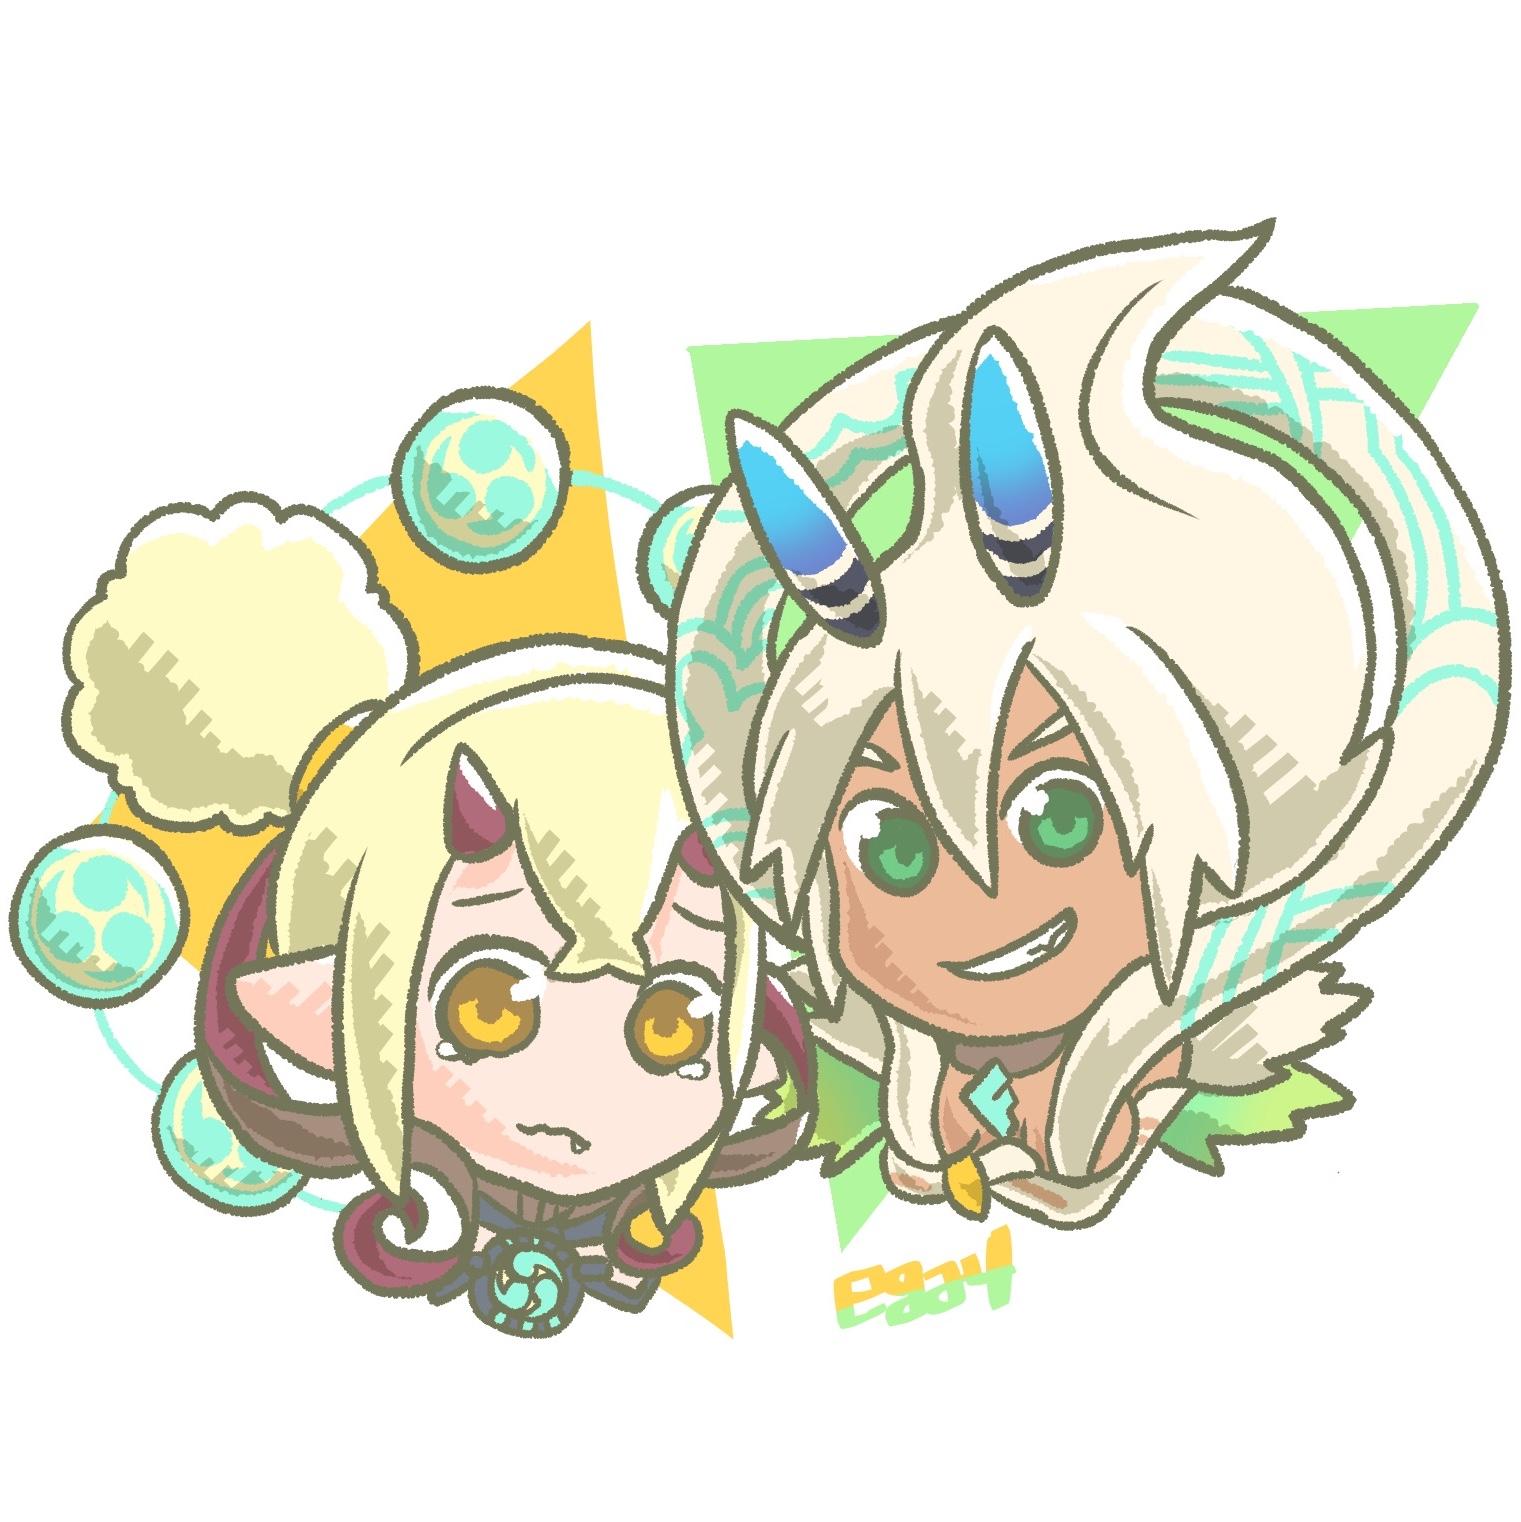 Dragon Quest X Xenoblade Chronicles 2 Fire Emblem Heroes Fire Emblem  Warriors Splatoon 2 green mammal